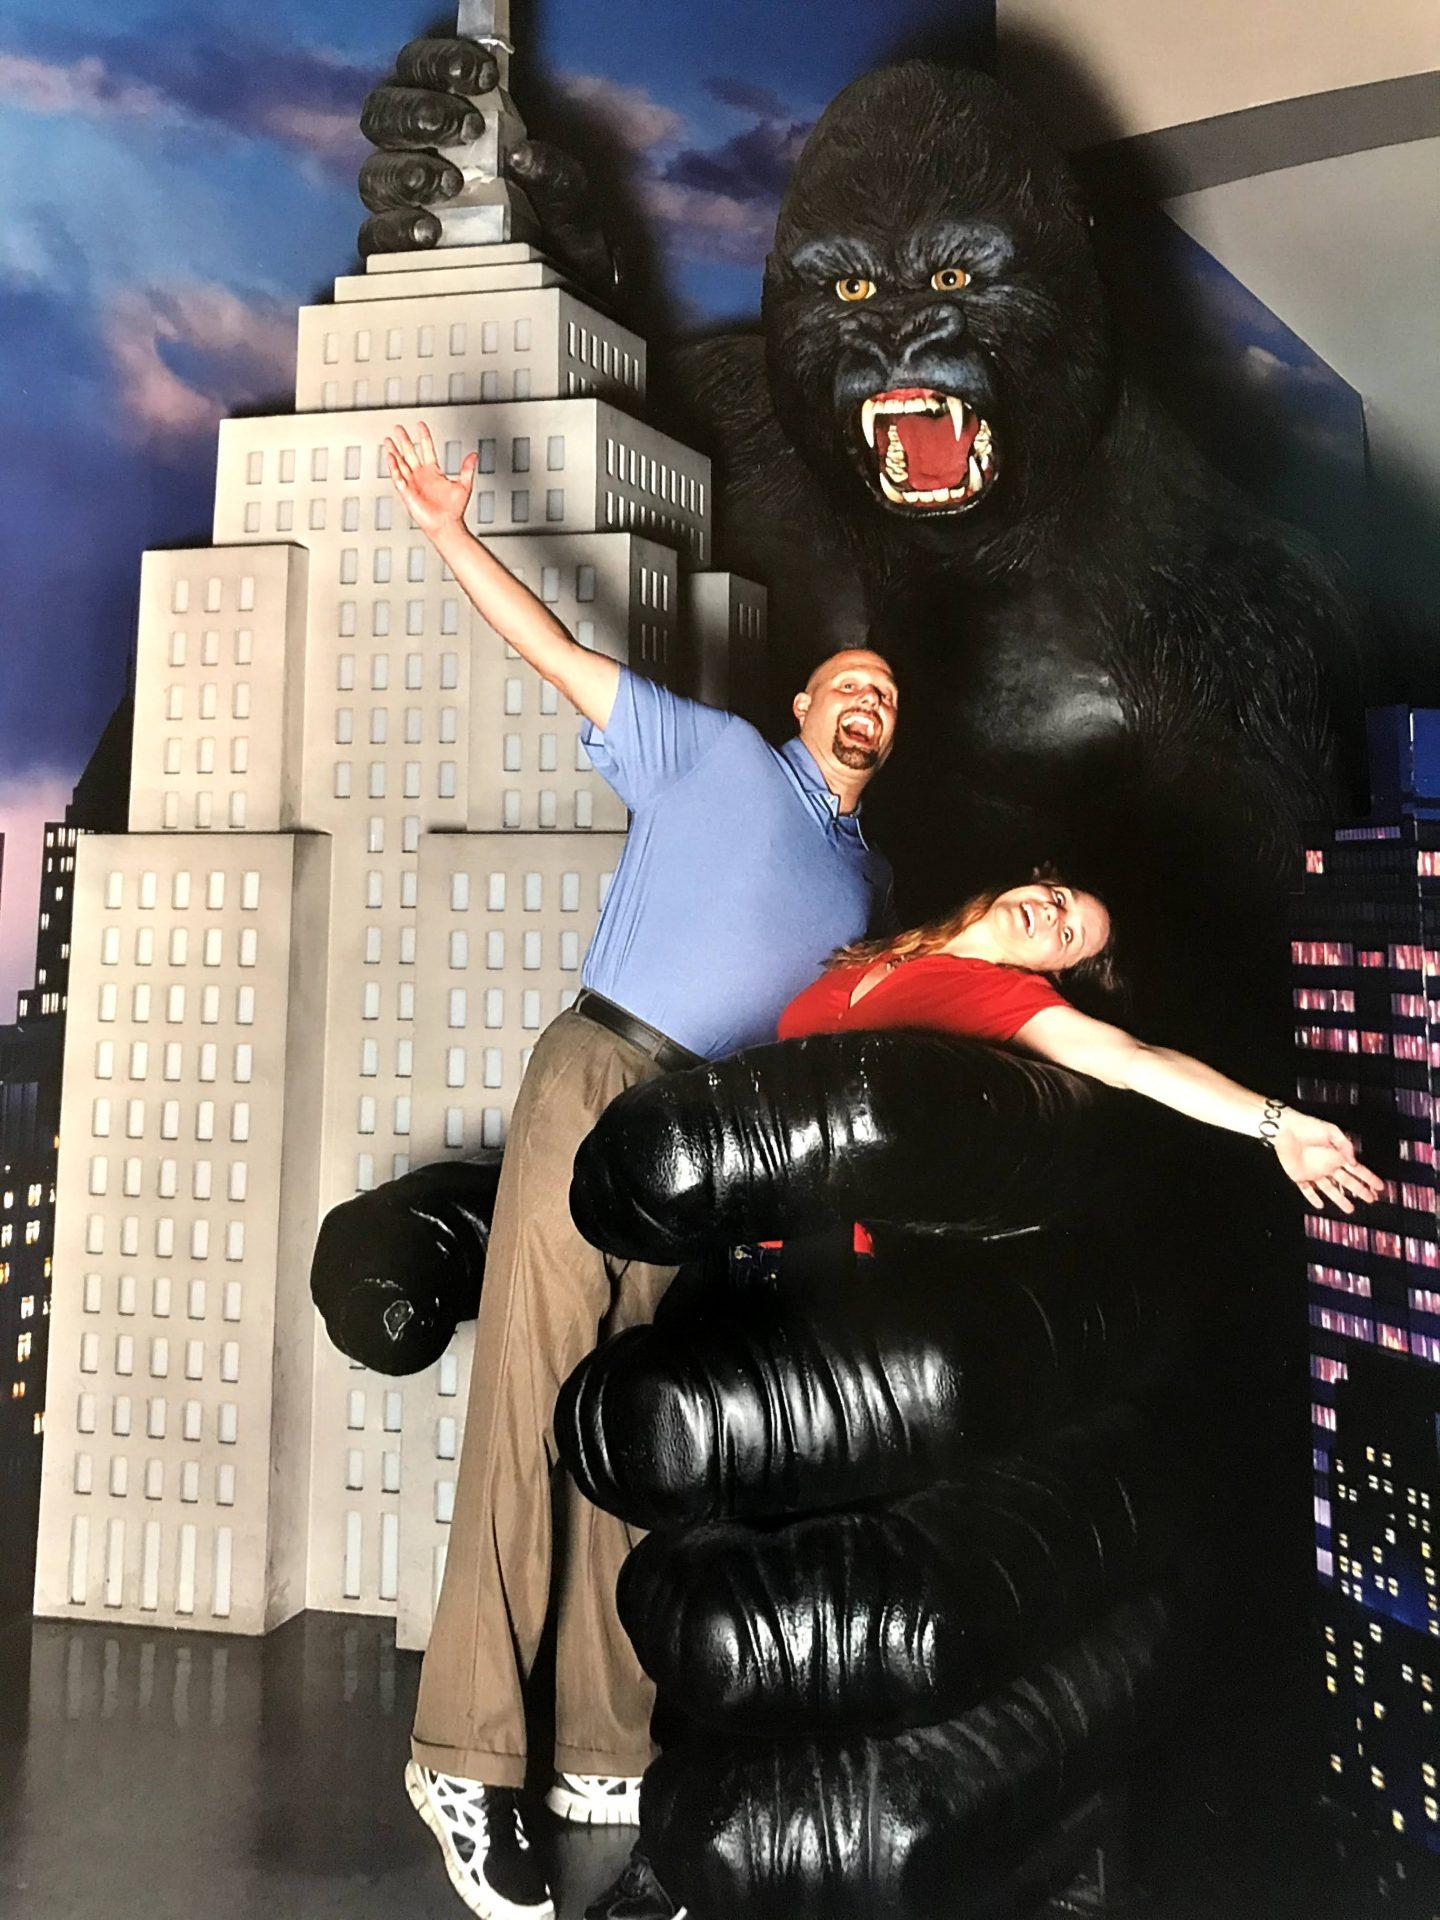 Having fun in NYC